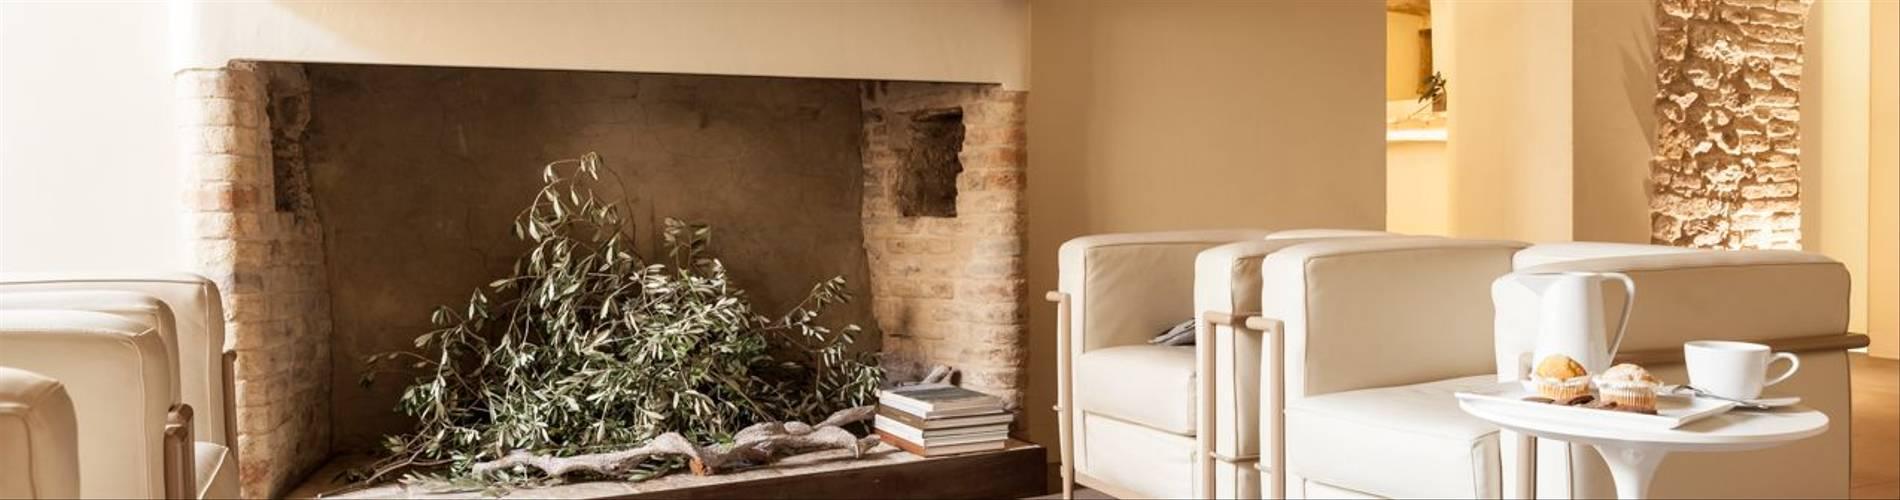 Nun Assisi Relais & Spa, Umbria, Italy (16).jpg